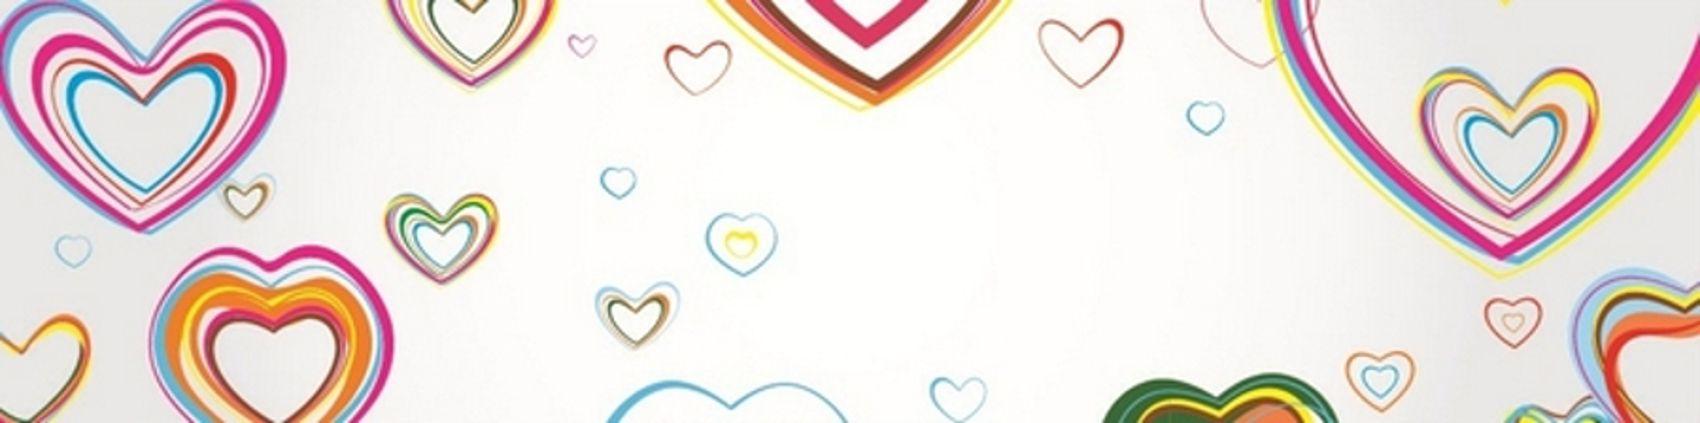 цветные сердечки